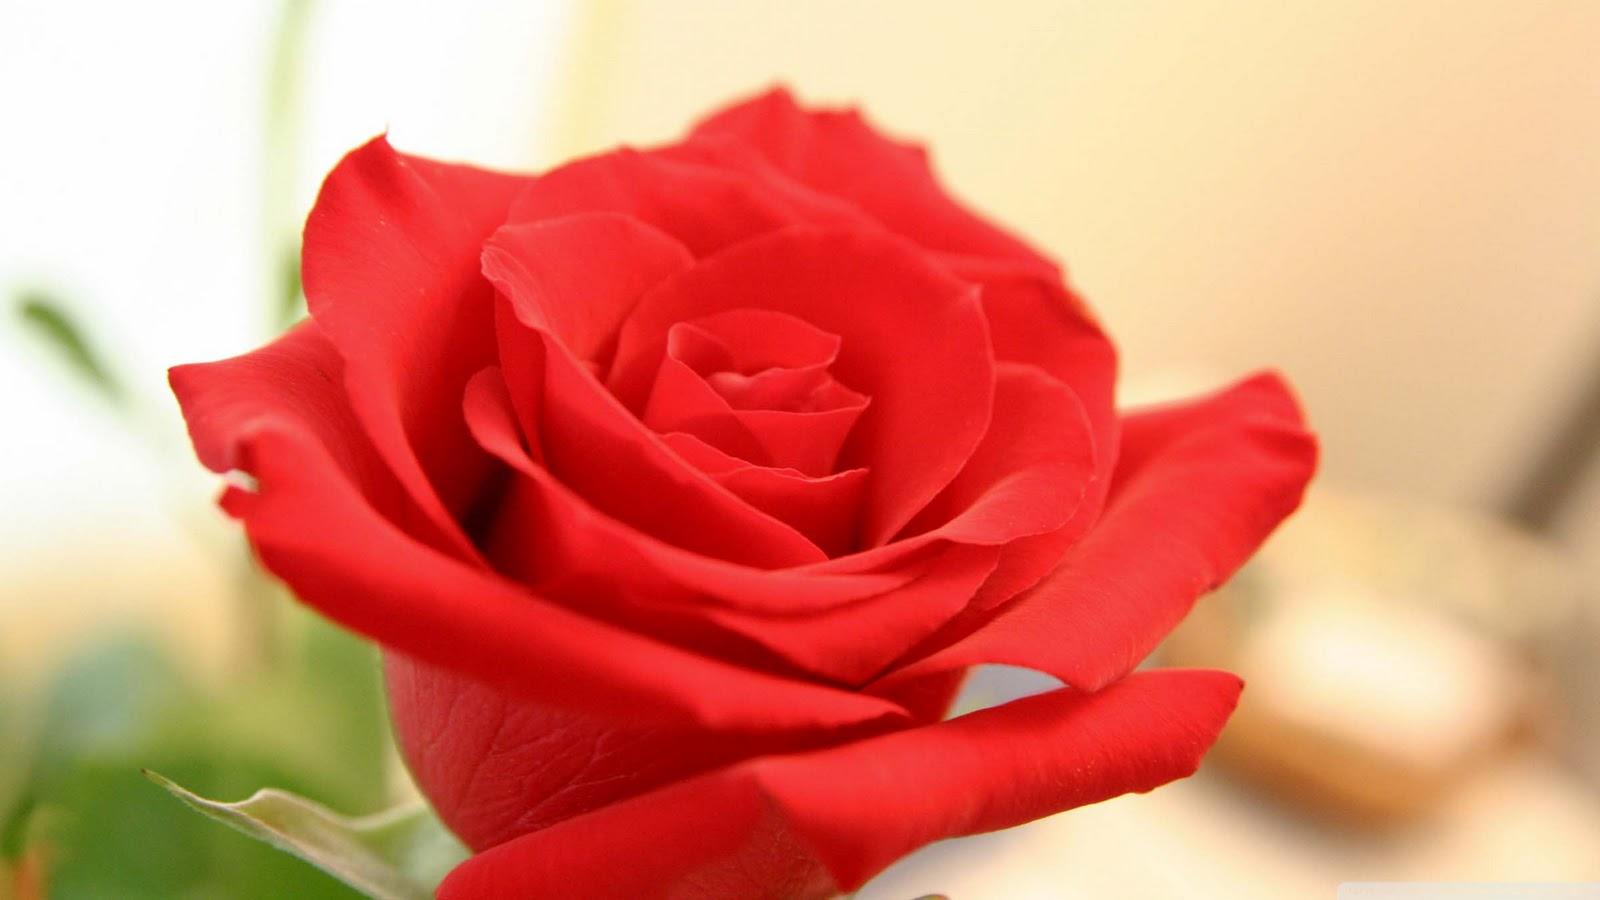 http://3.bp.blogspot.com/-5xv4VDhnjiU/TyuR5fuVHfI/AAAAAAAAAJE/FmI-rI4RKn4/s1600/beautiful_flowers_2-wallpaper-2400x1350.jpg